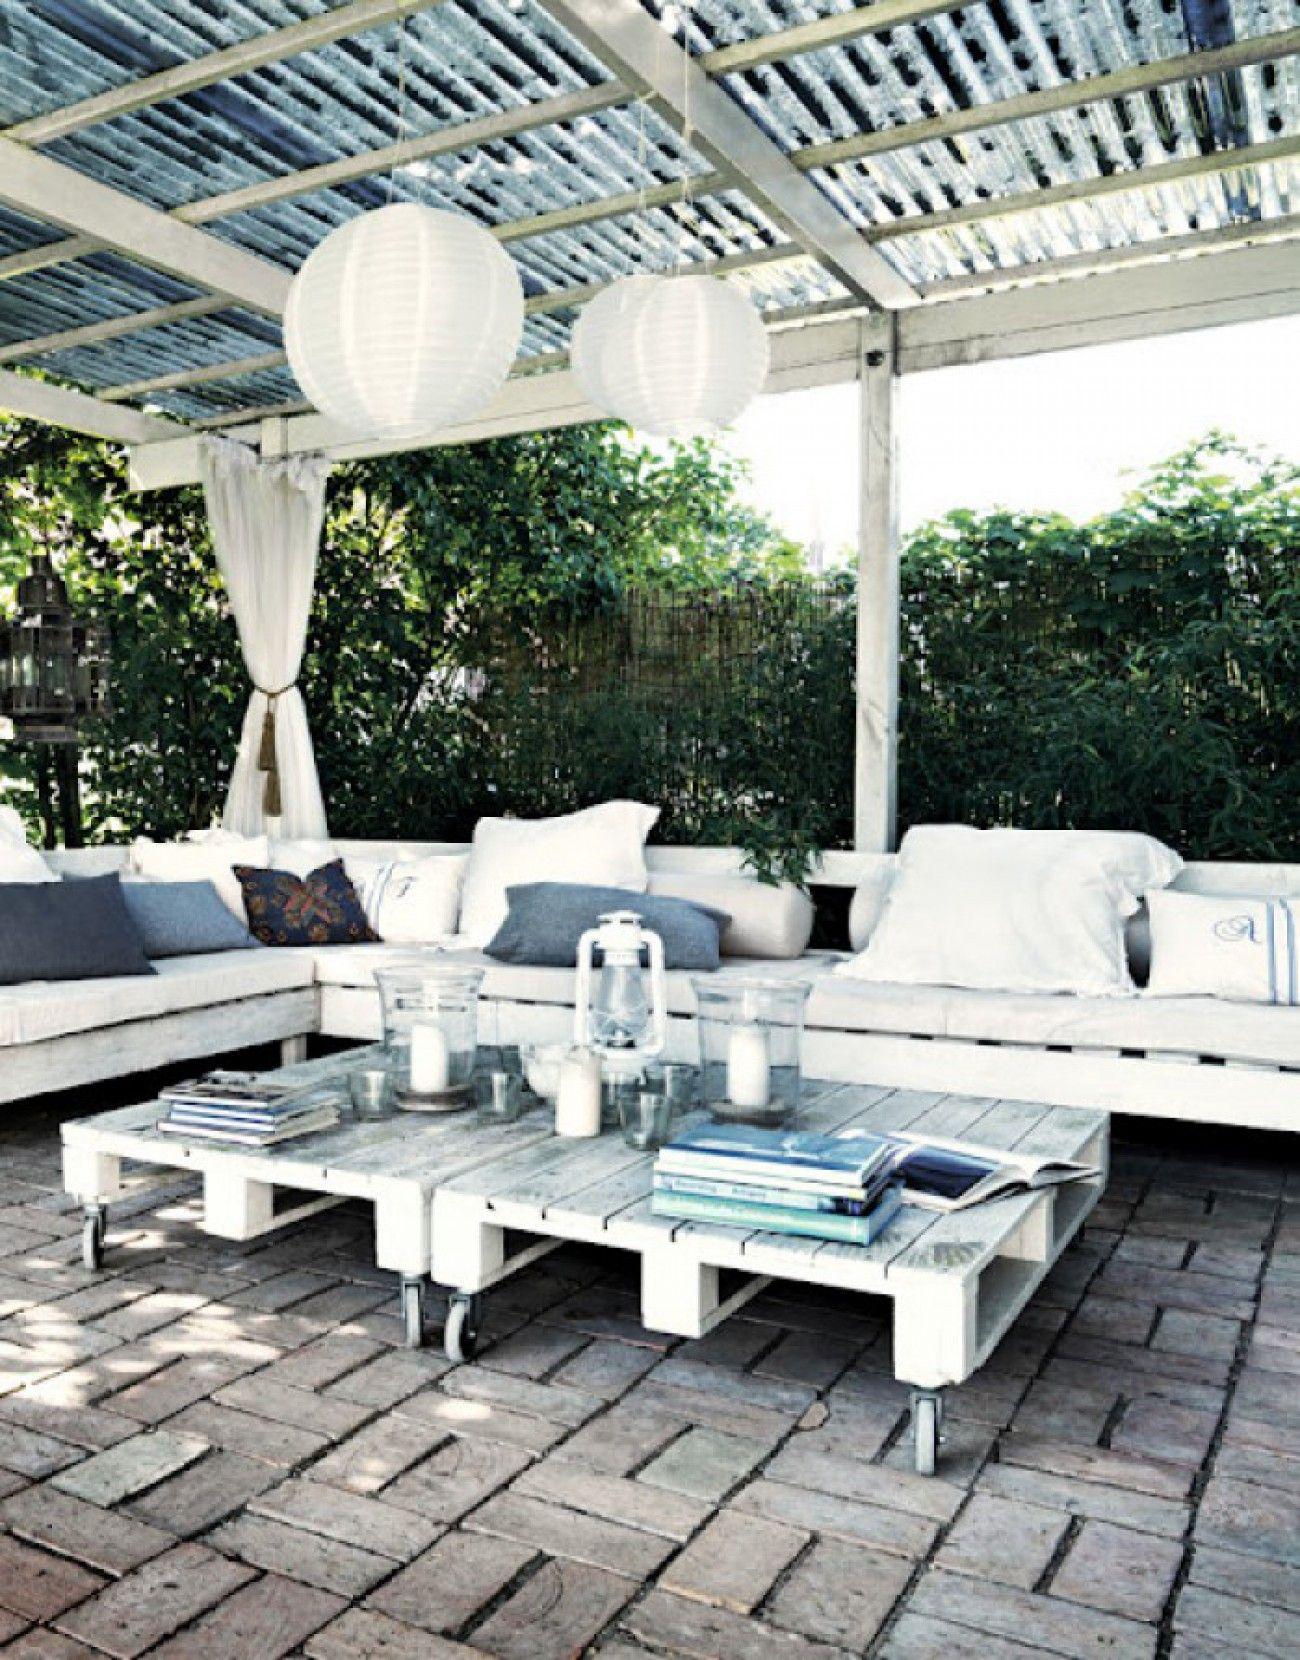 Lounge Gartenmöbel aus Paletten bauen | Bauen | Pinterest | Lounge ...